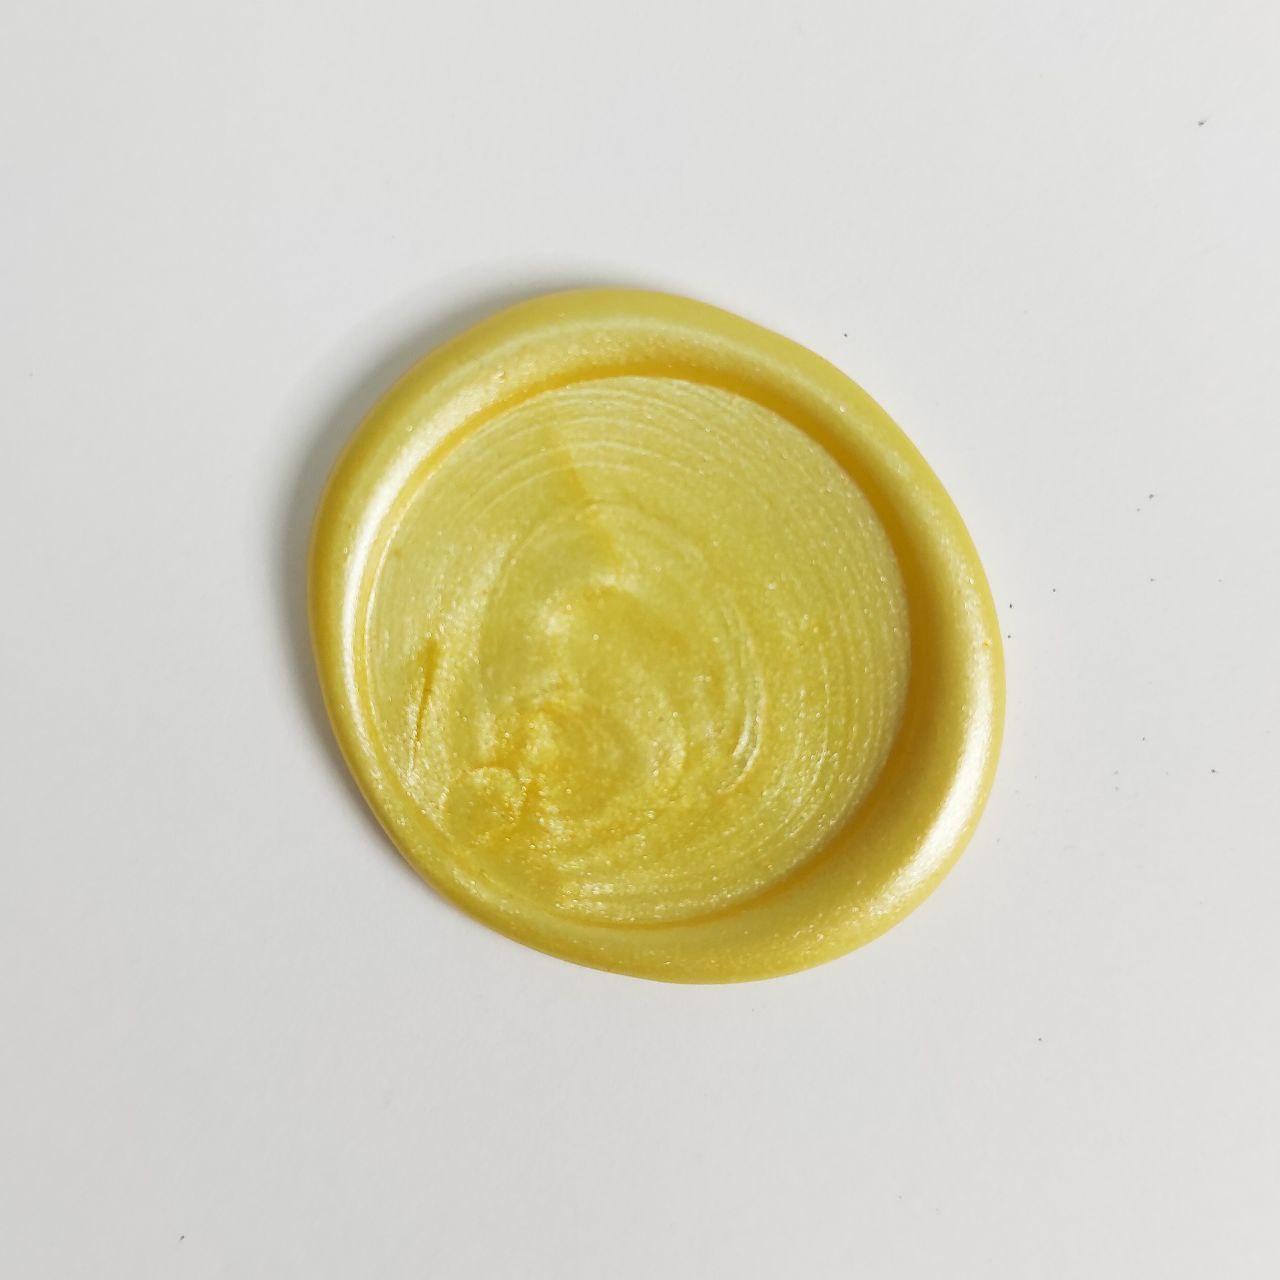 Декоративный сургуч. Цвет - Светло-лимонный, перламутровый.